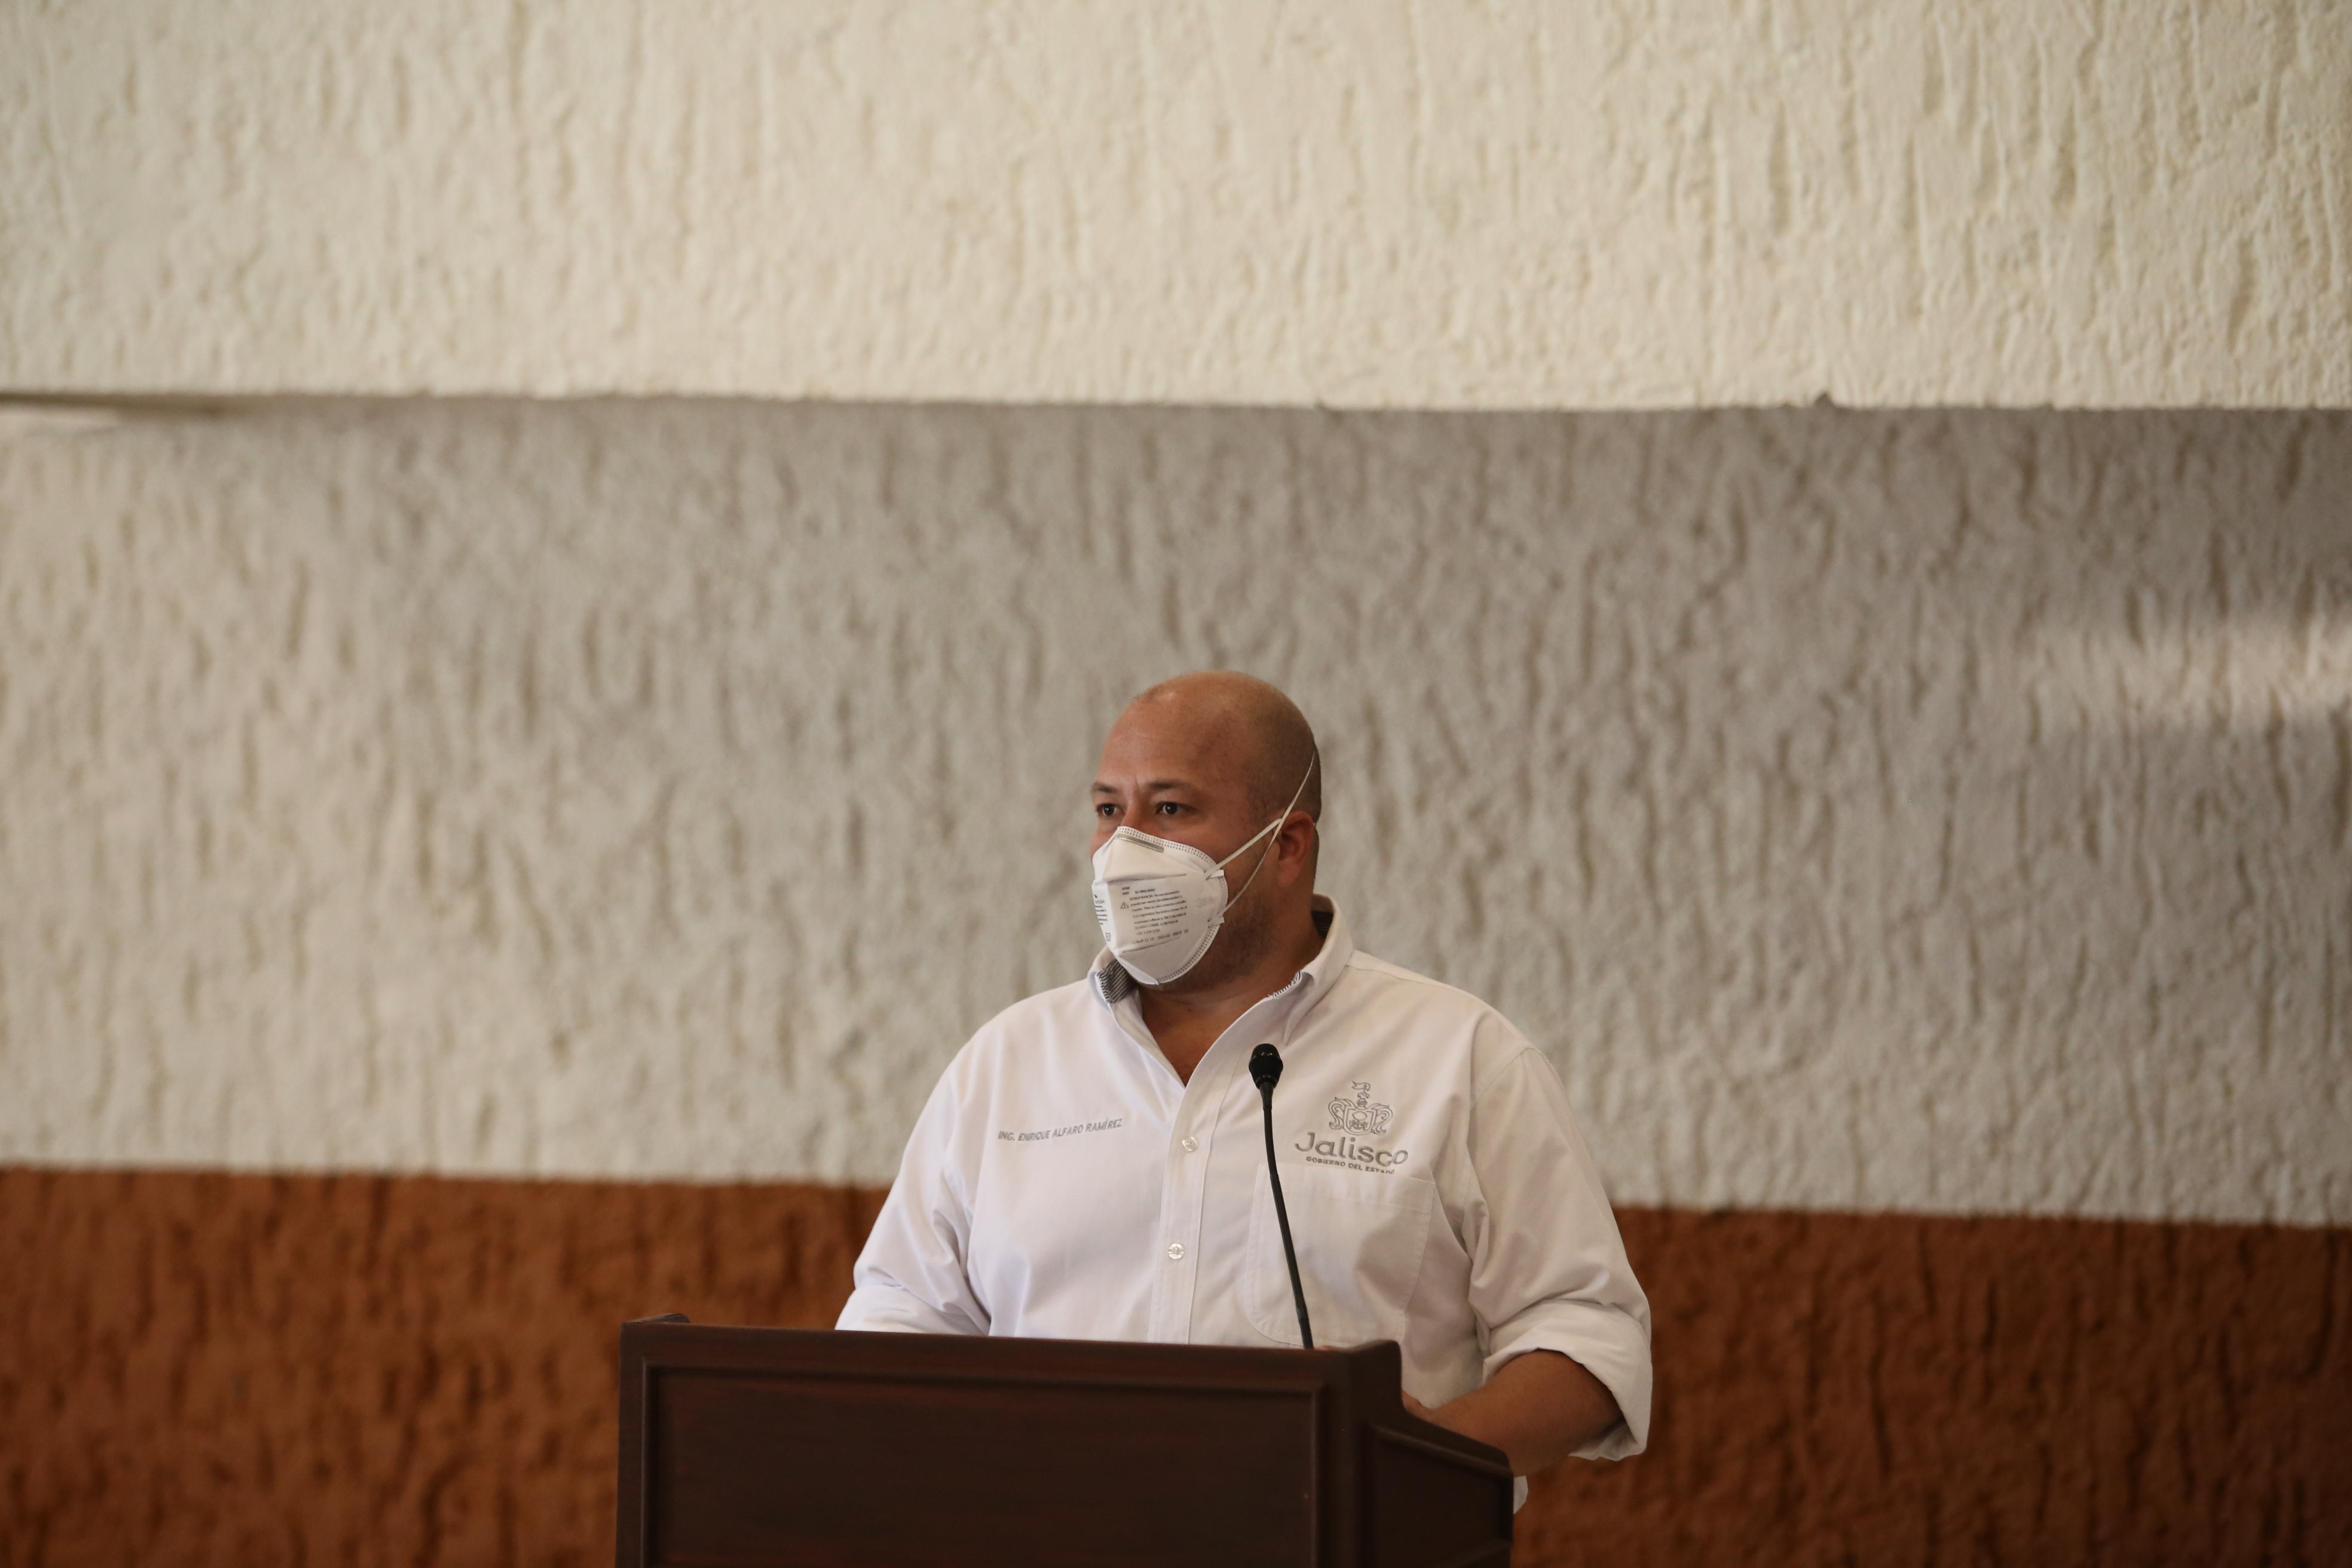 Gobernador de Jalisco al micrófono en el pódium durante rueda de prensa virtual